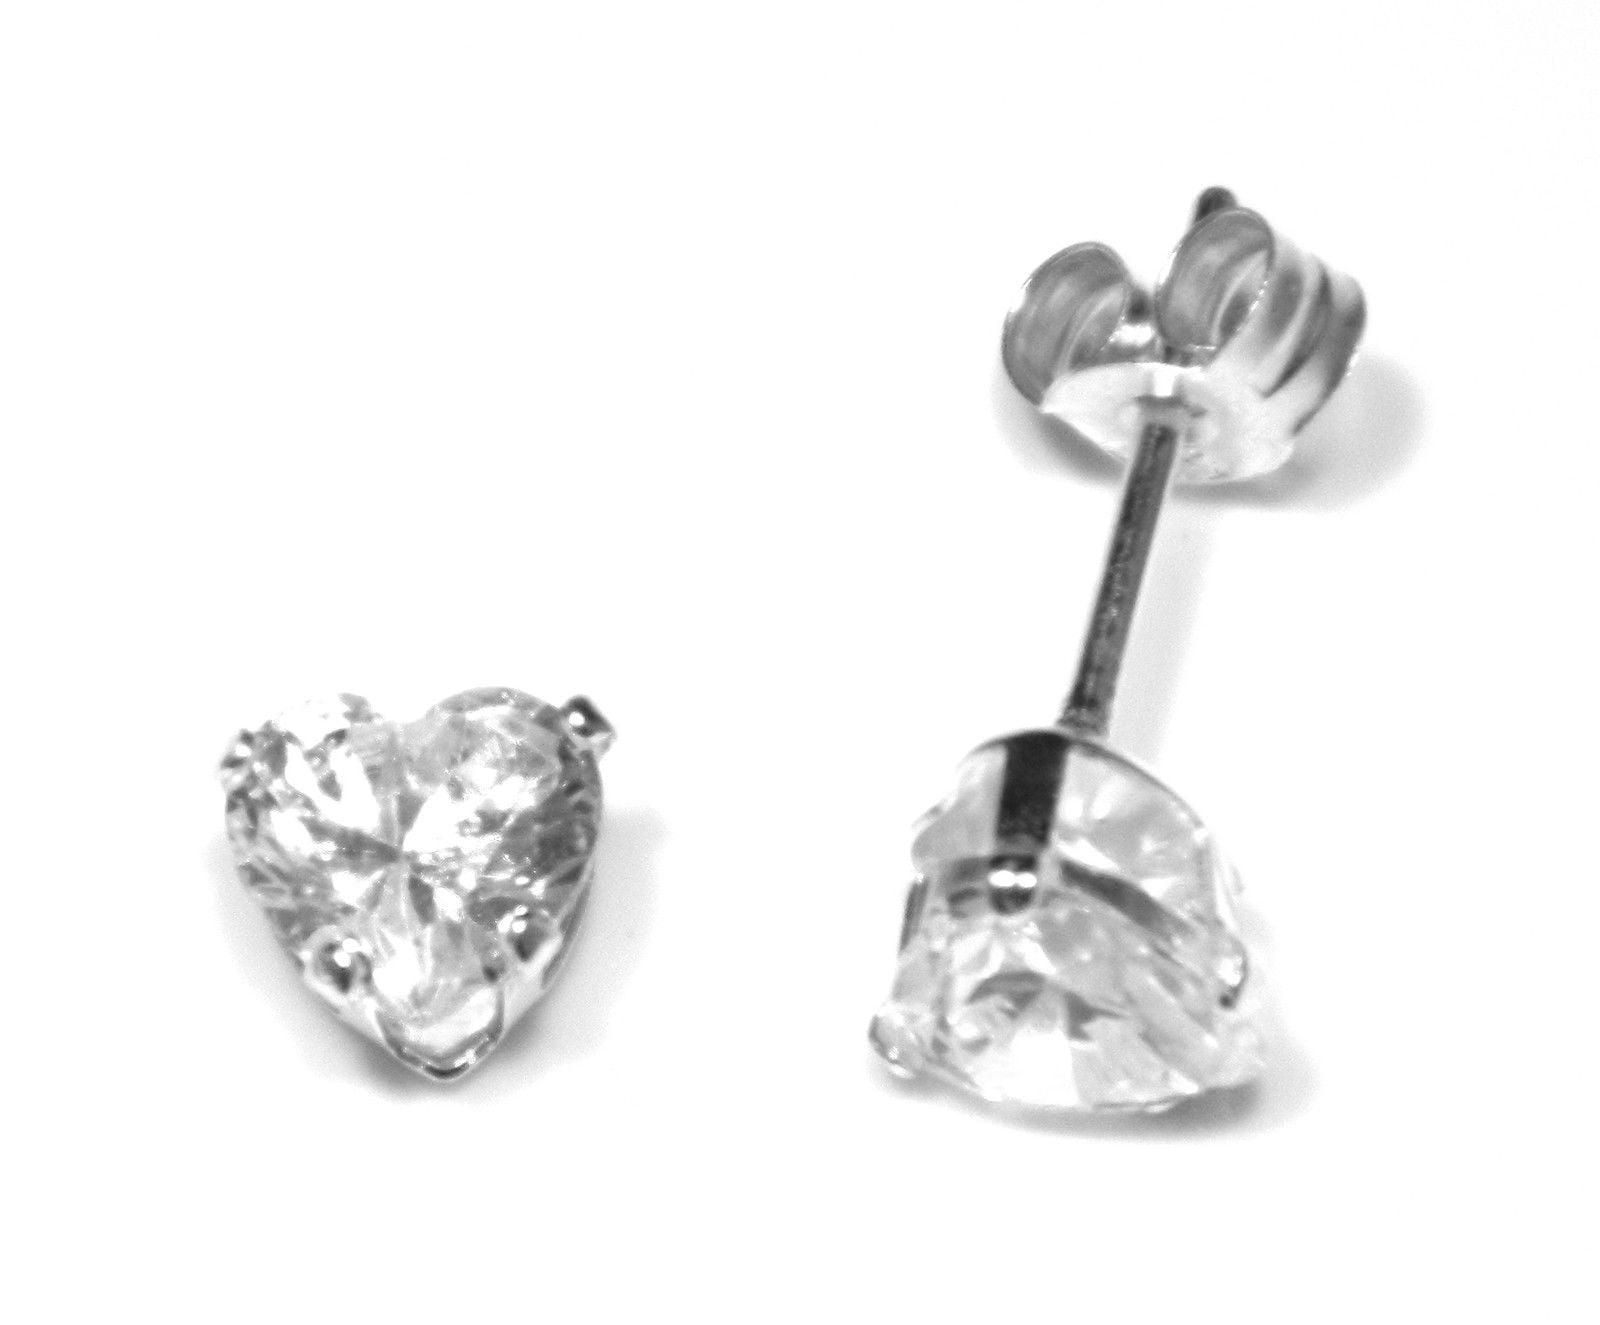 Arranview Jewellery 3 mm CZ Stud Earring - 925 Sterling Silver e6xsPXVbR